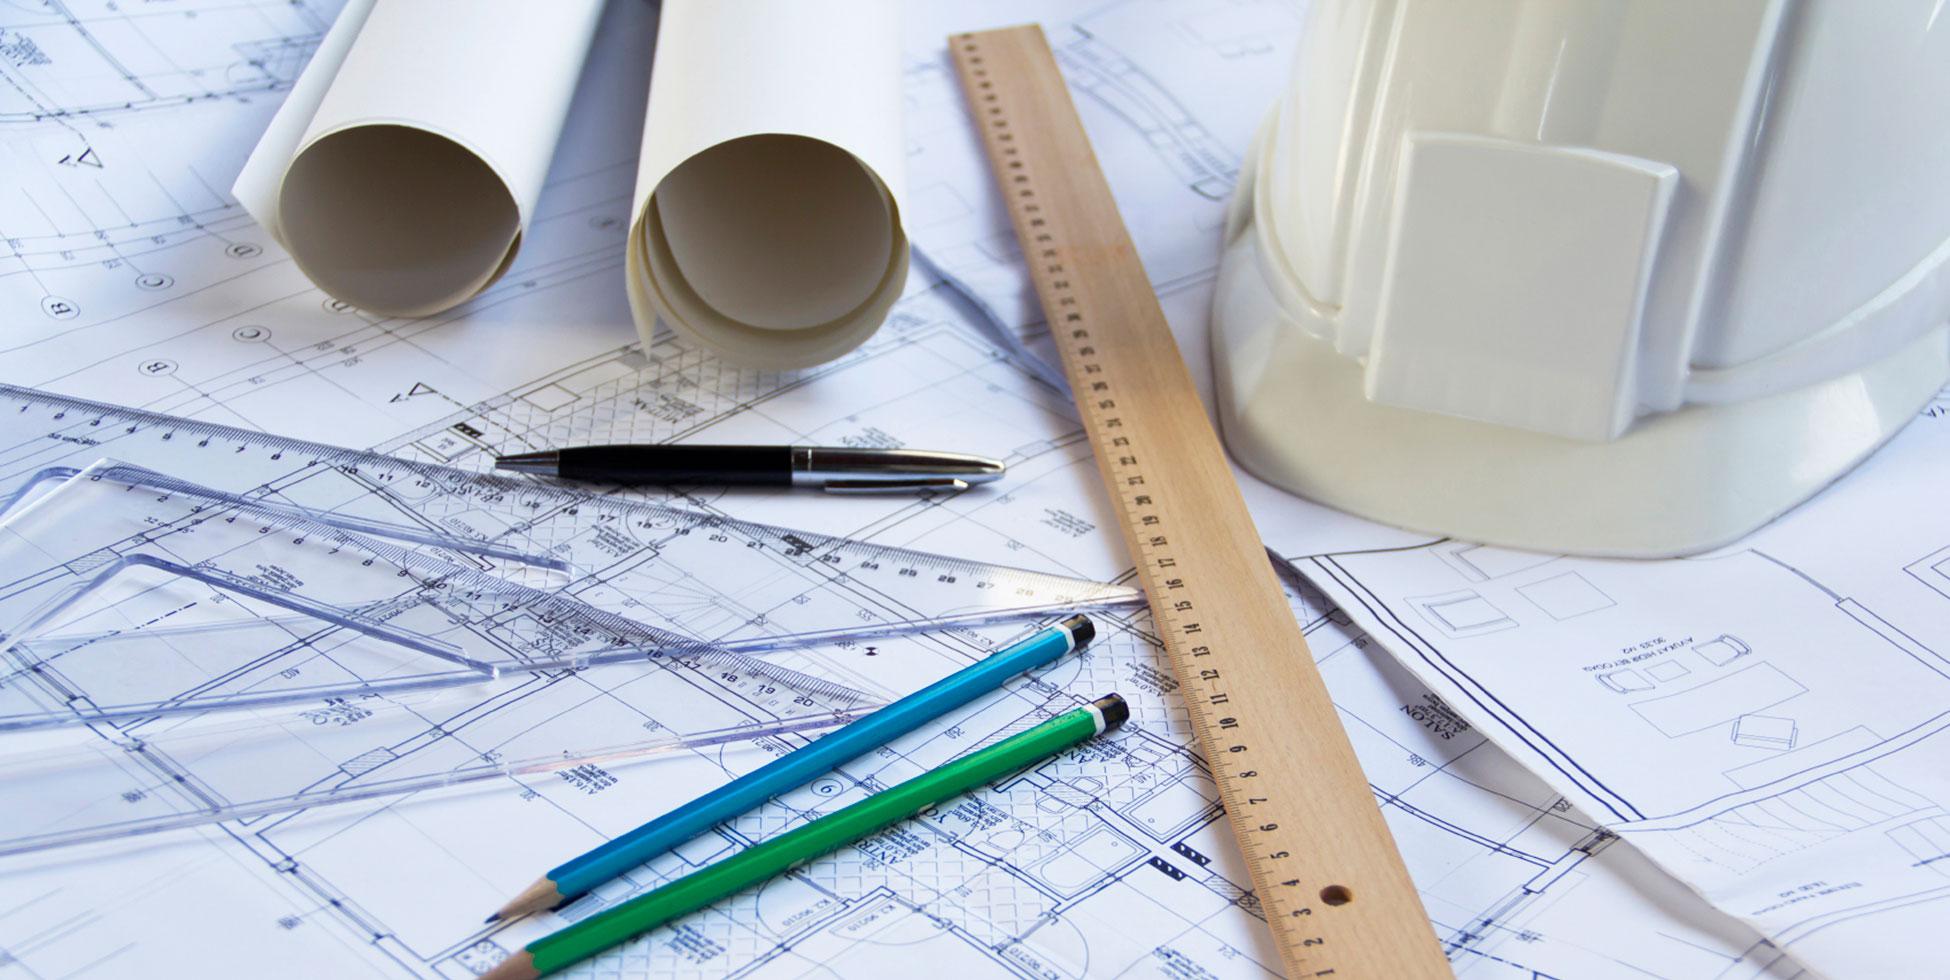 Engenharia - PLT, Projetos e Levantamentos Topográficos